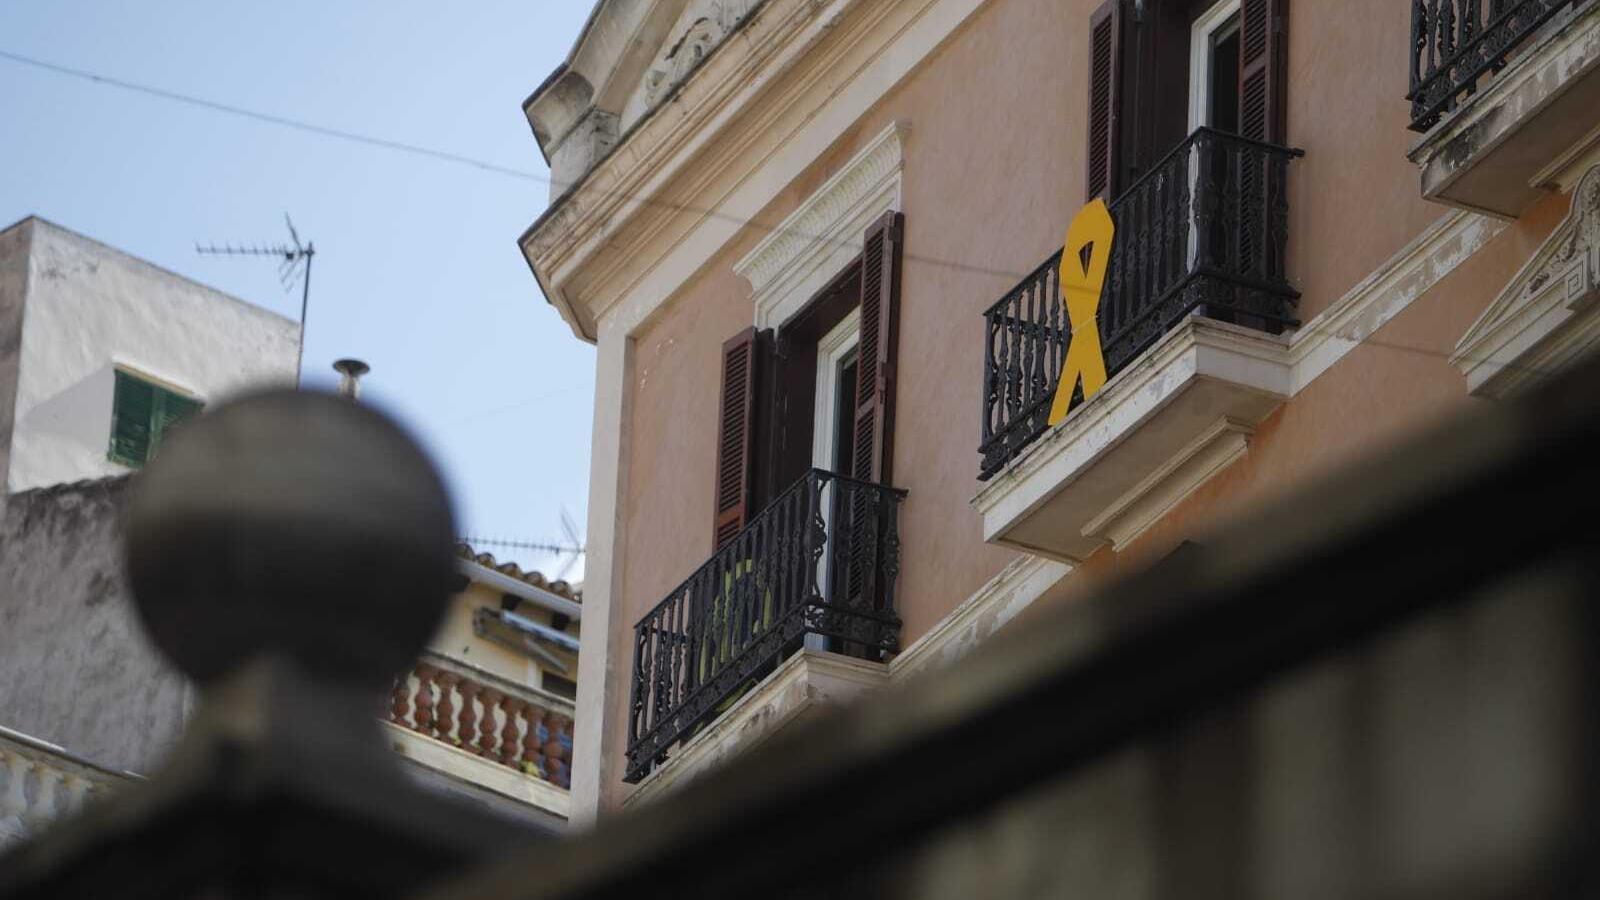 Llaç Groc penjat al balcó de les oficines de MÉS per Mallorca en el Parlament